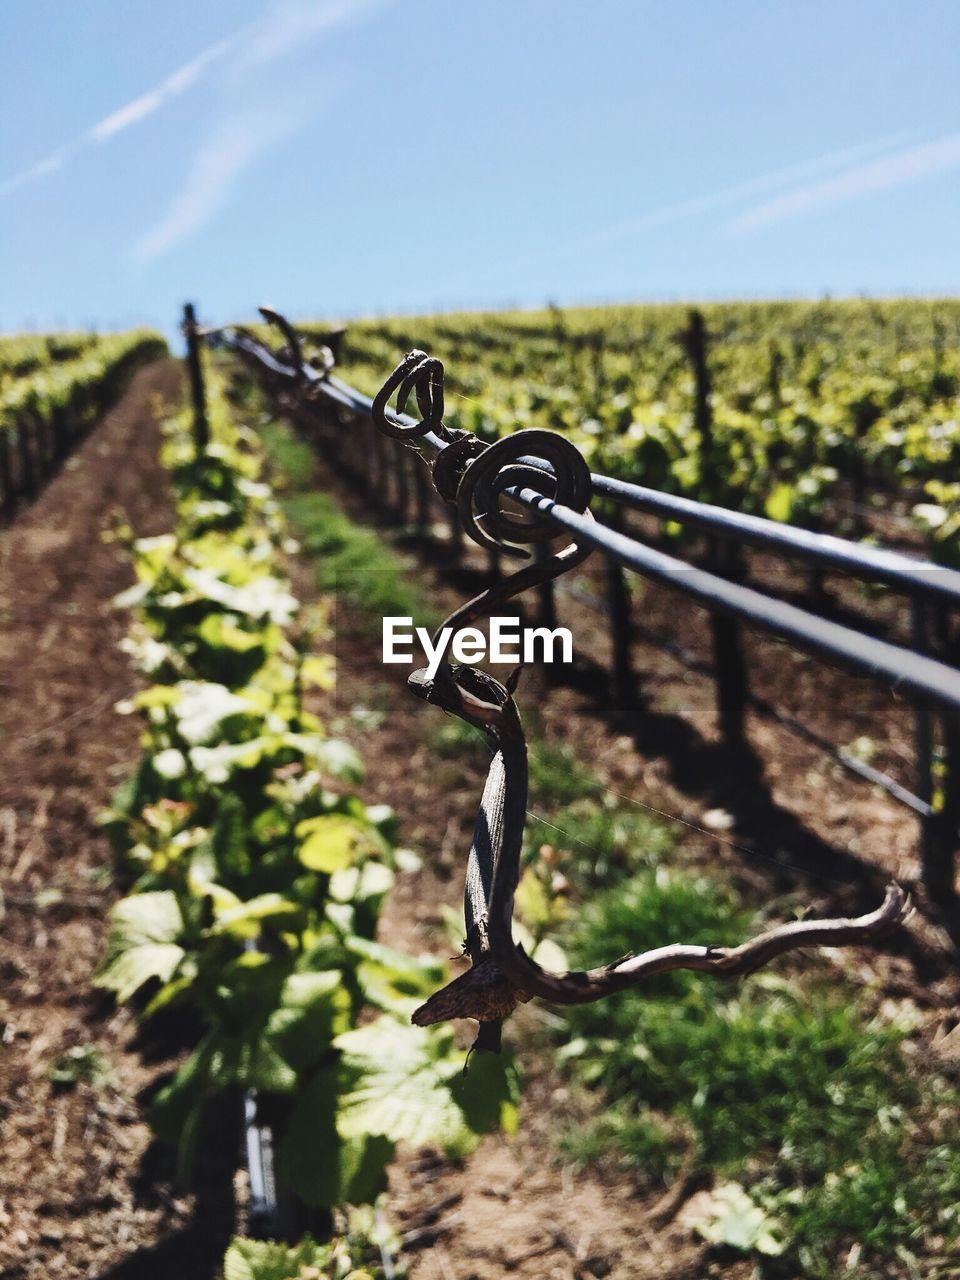 Vines growing at vineyard against sky